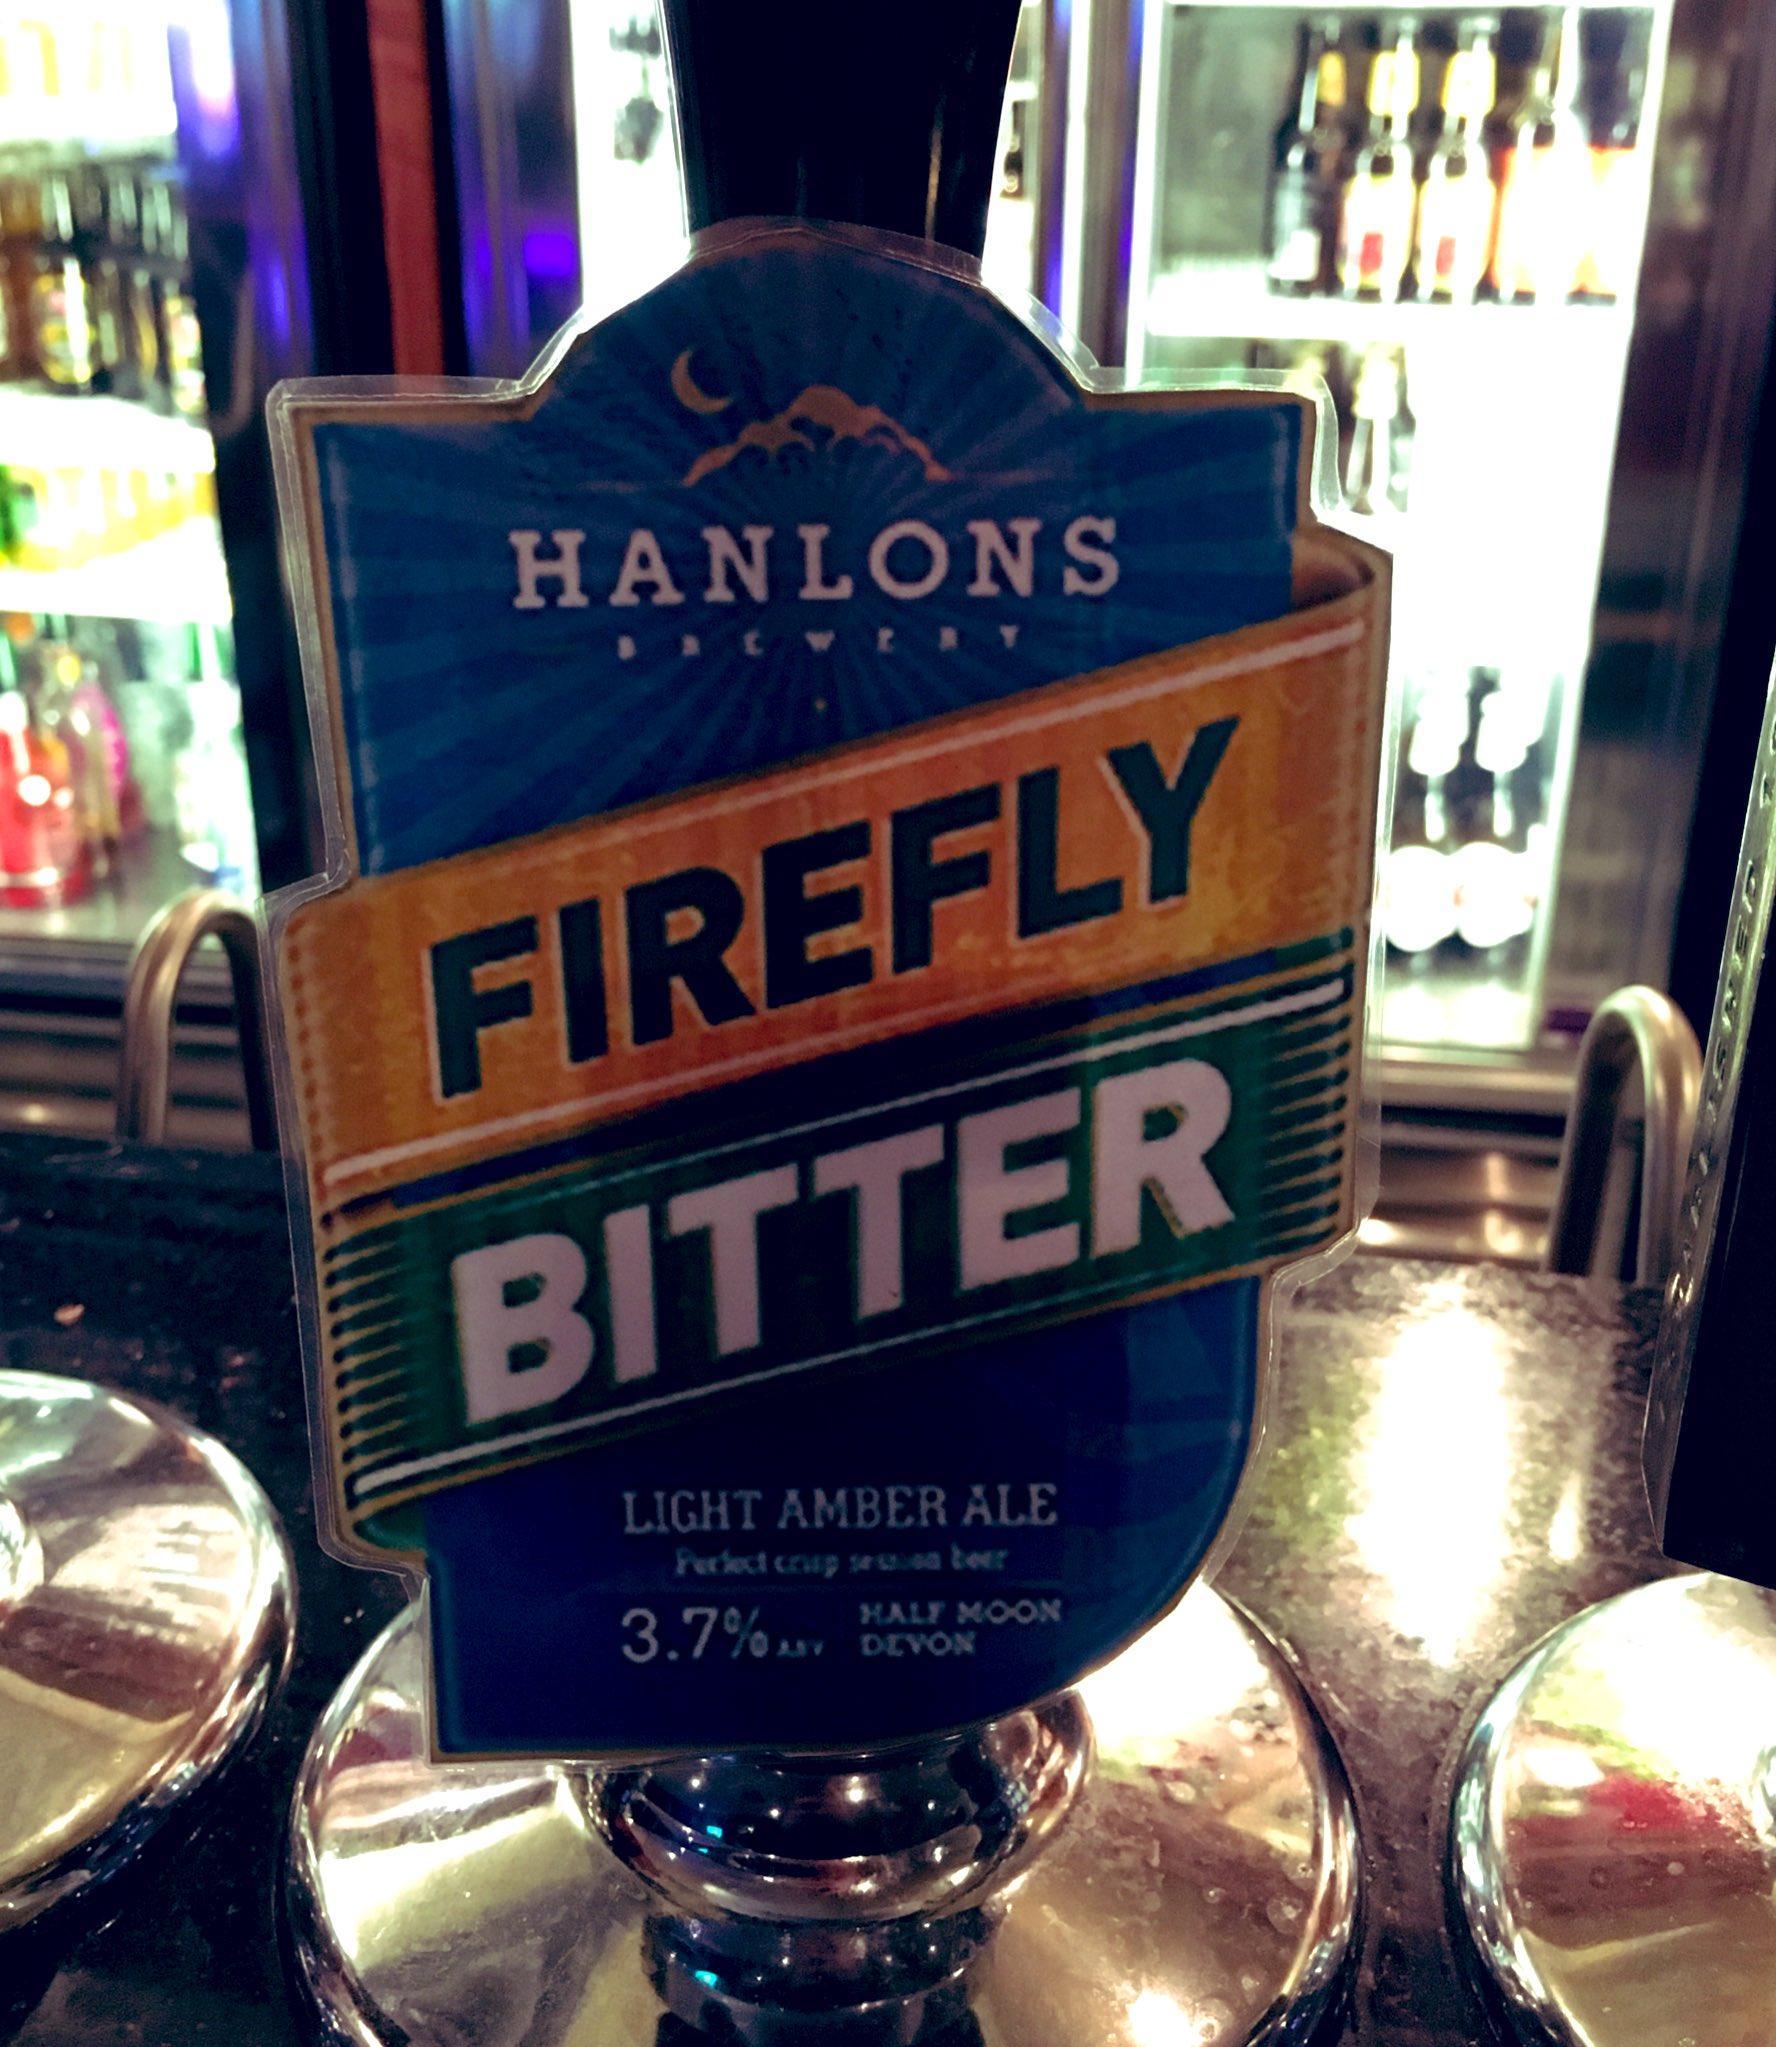 324: Firefly Bitter